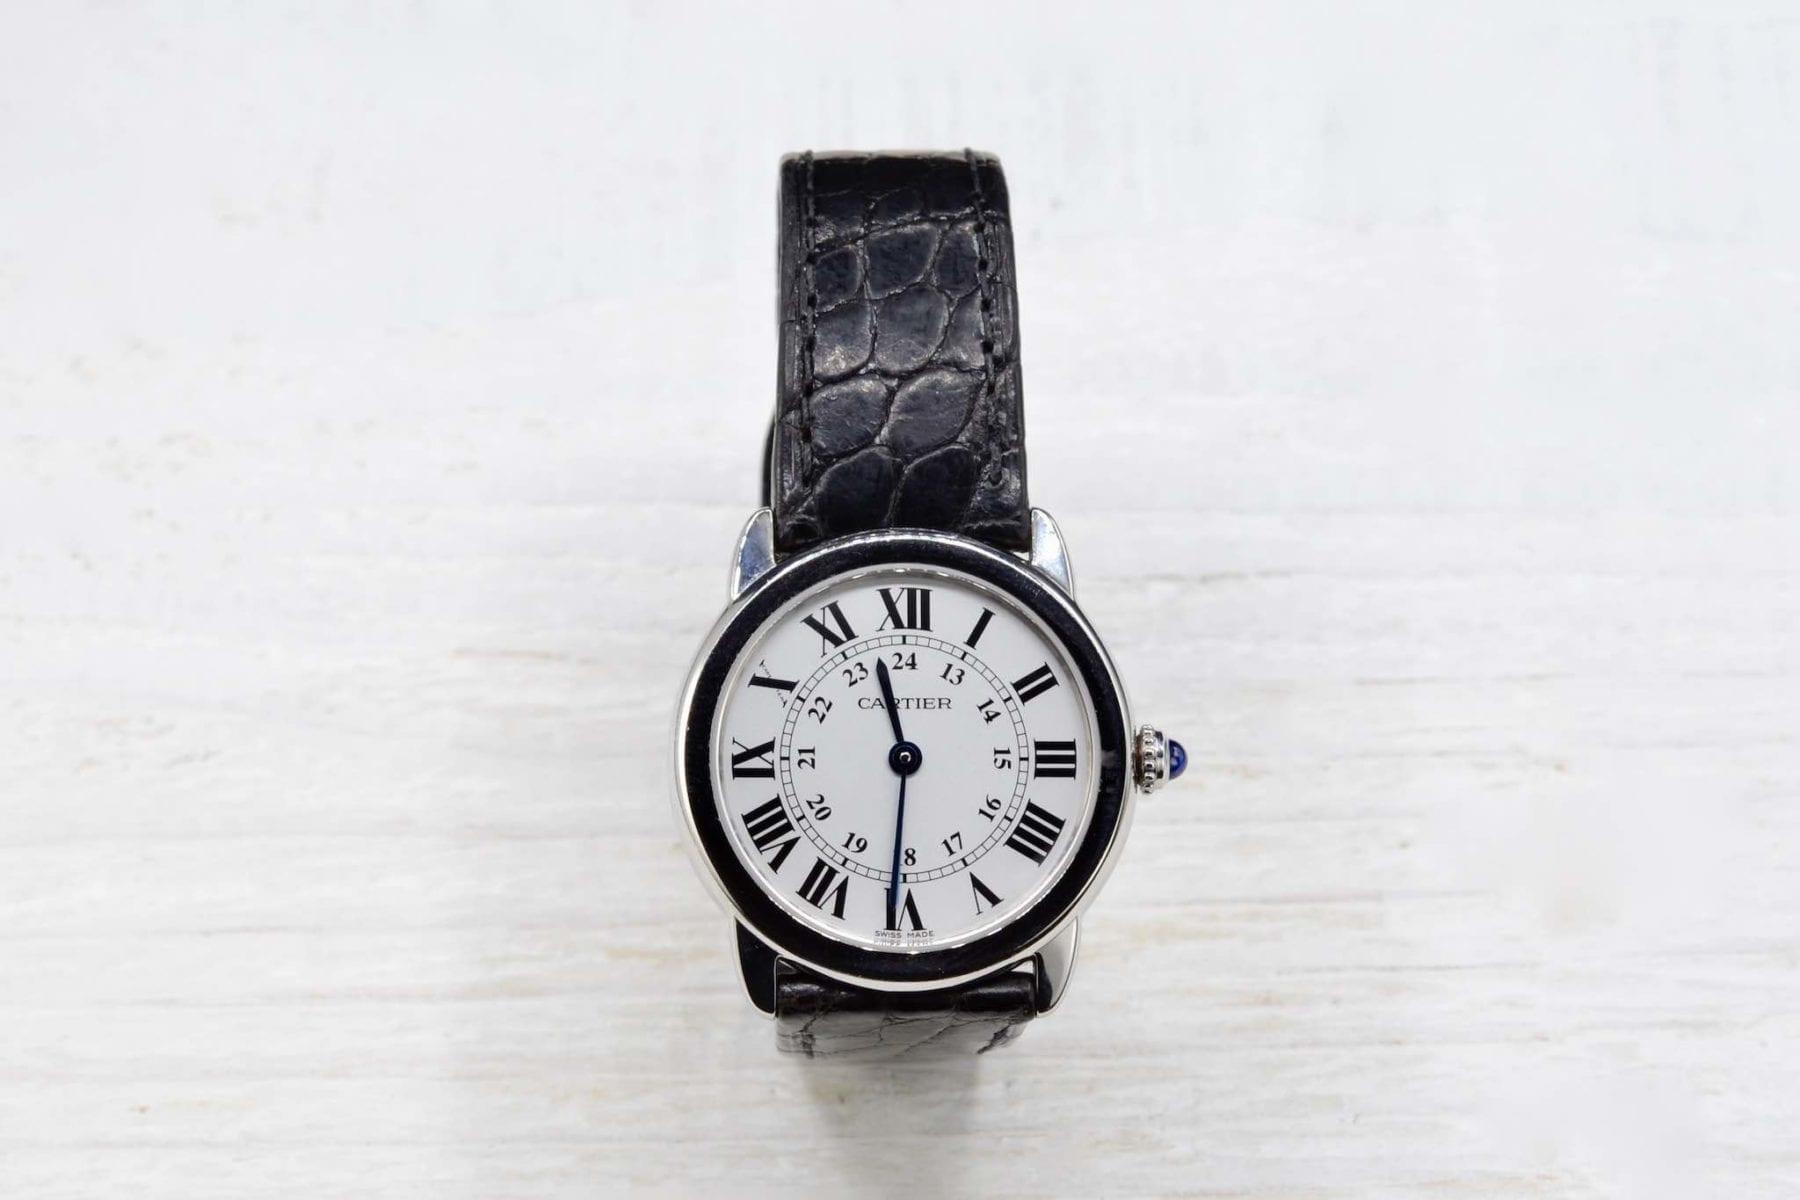 Montre vintage ancienne Rolex Oyster Datejust en acier année 1968